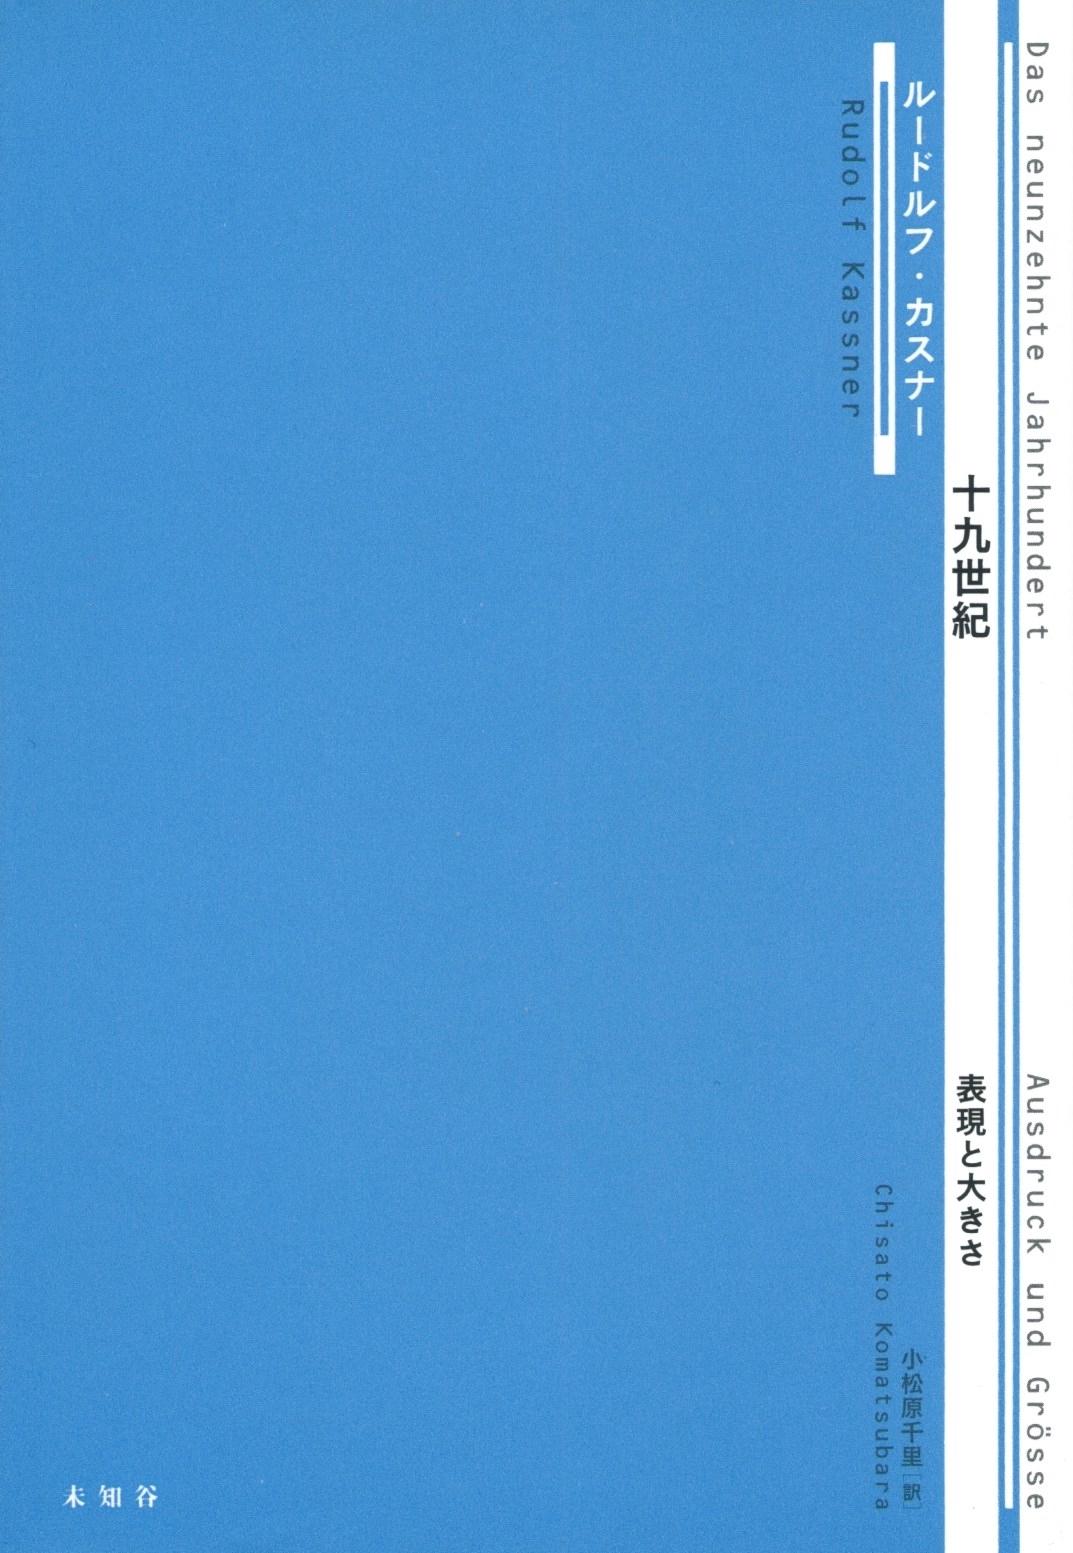 十九世紀 表現と大きさ[バーゲンブック]